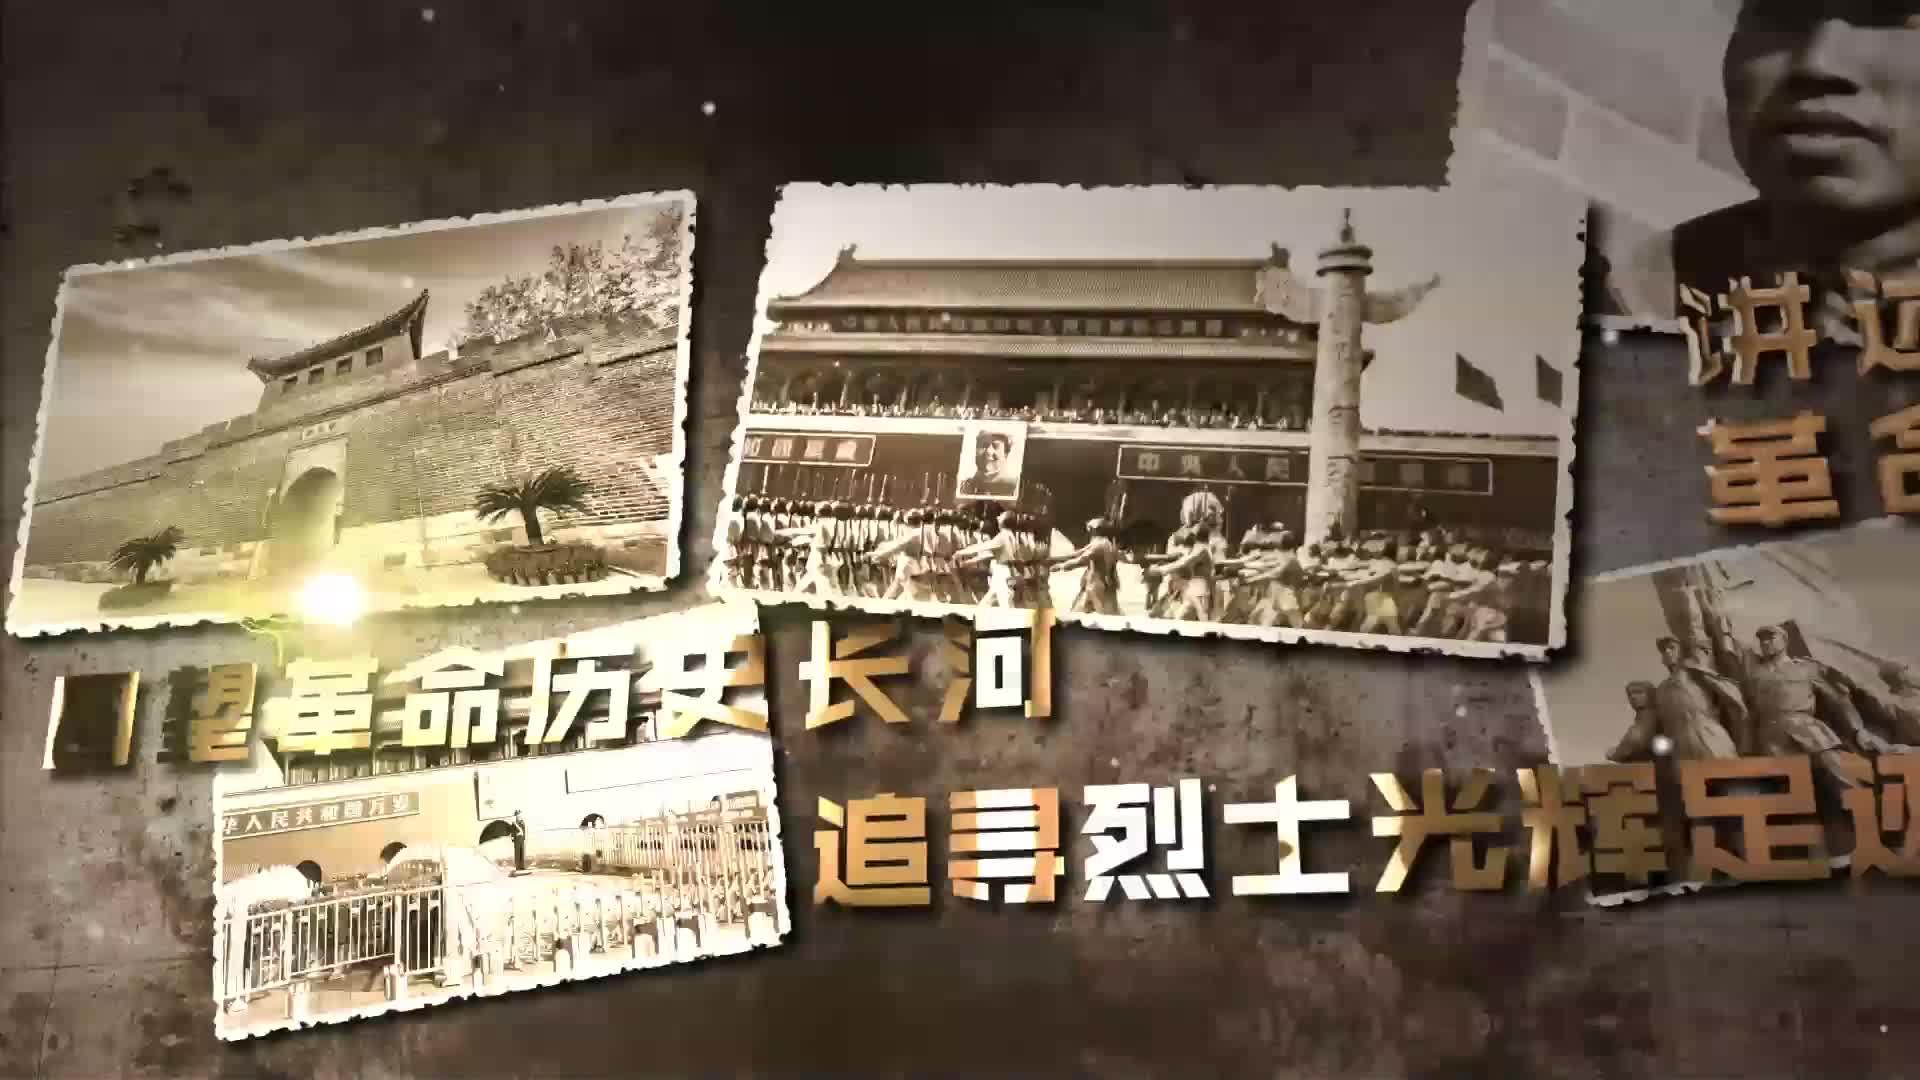 系列短视频《最是磨难砺初心》(六)谭思聪:不甘奴役 锻造铁胆